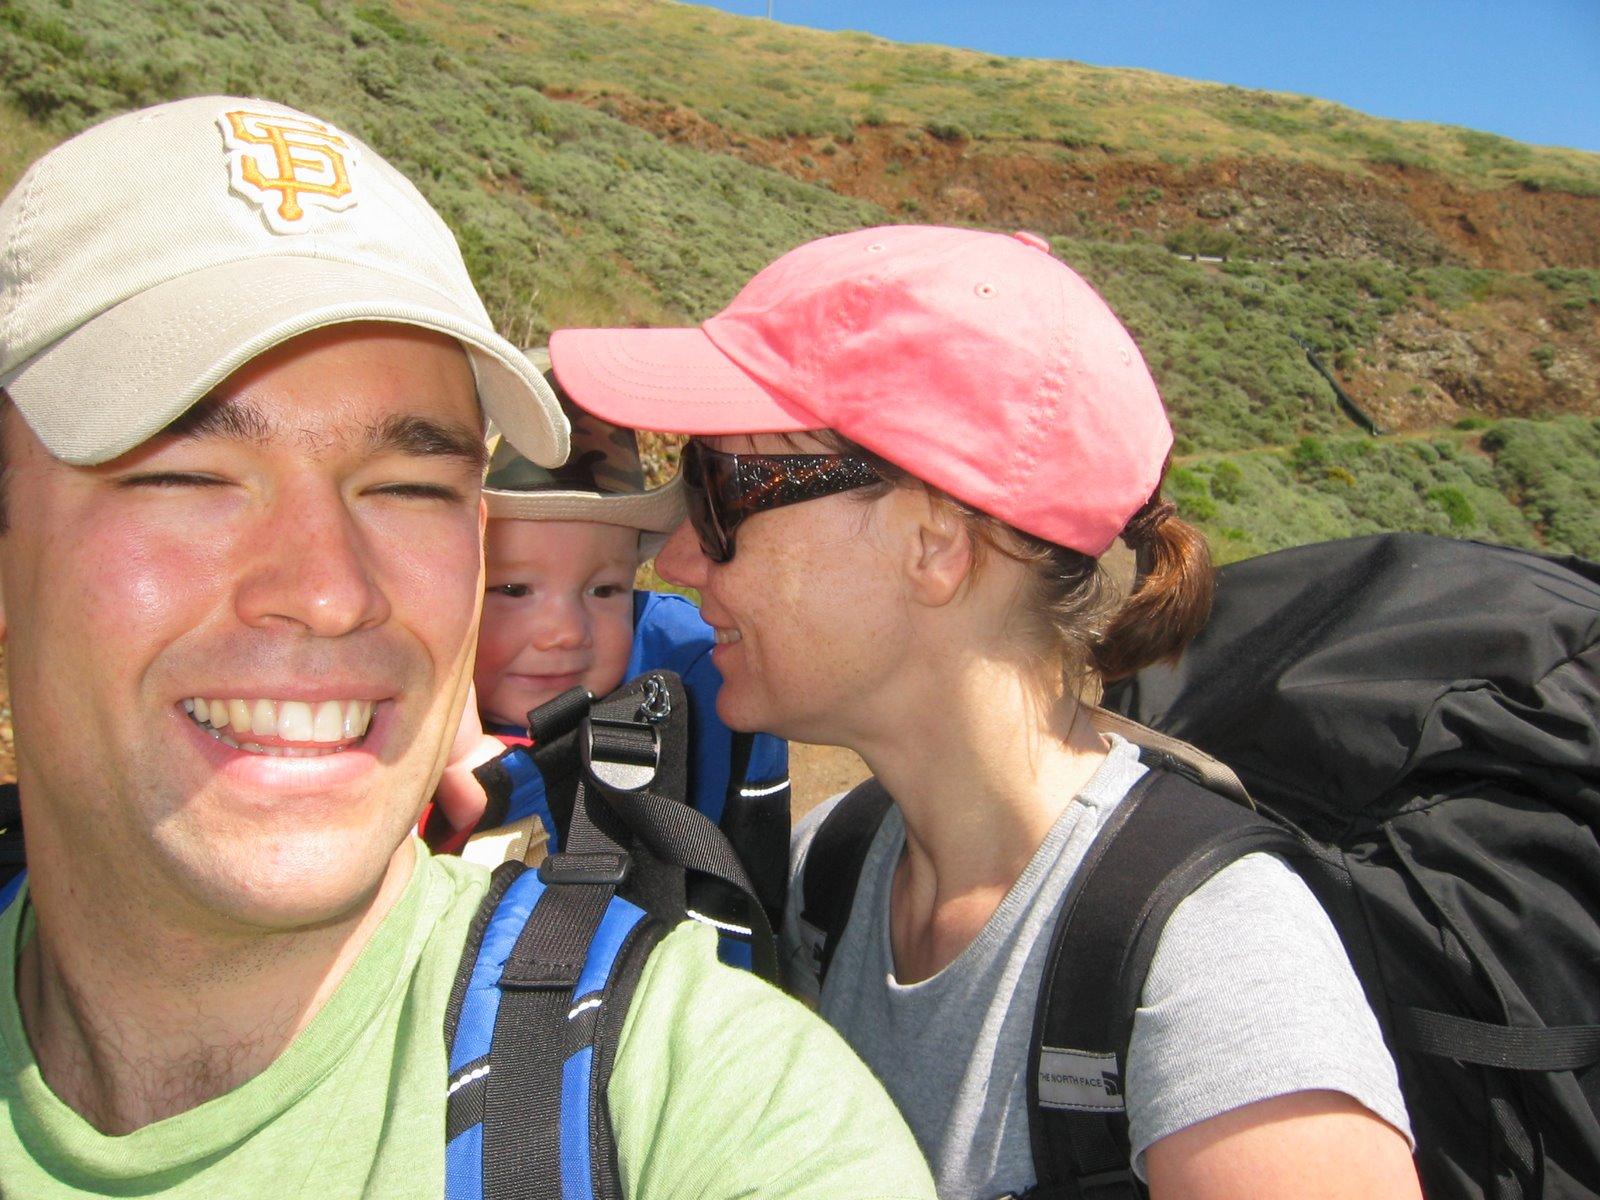 [Hiking+04.01.07+007.jpg]